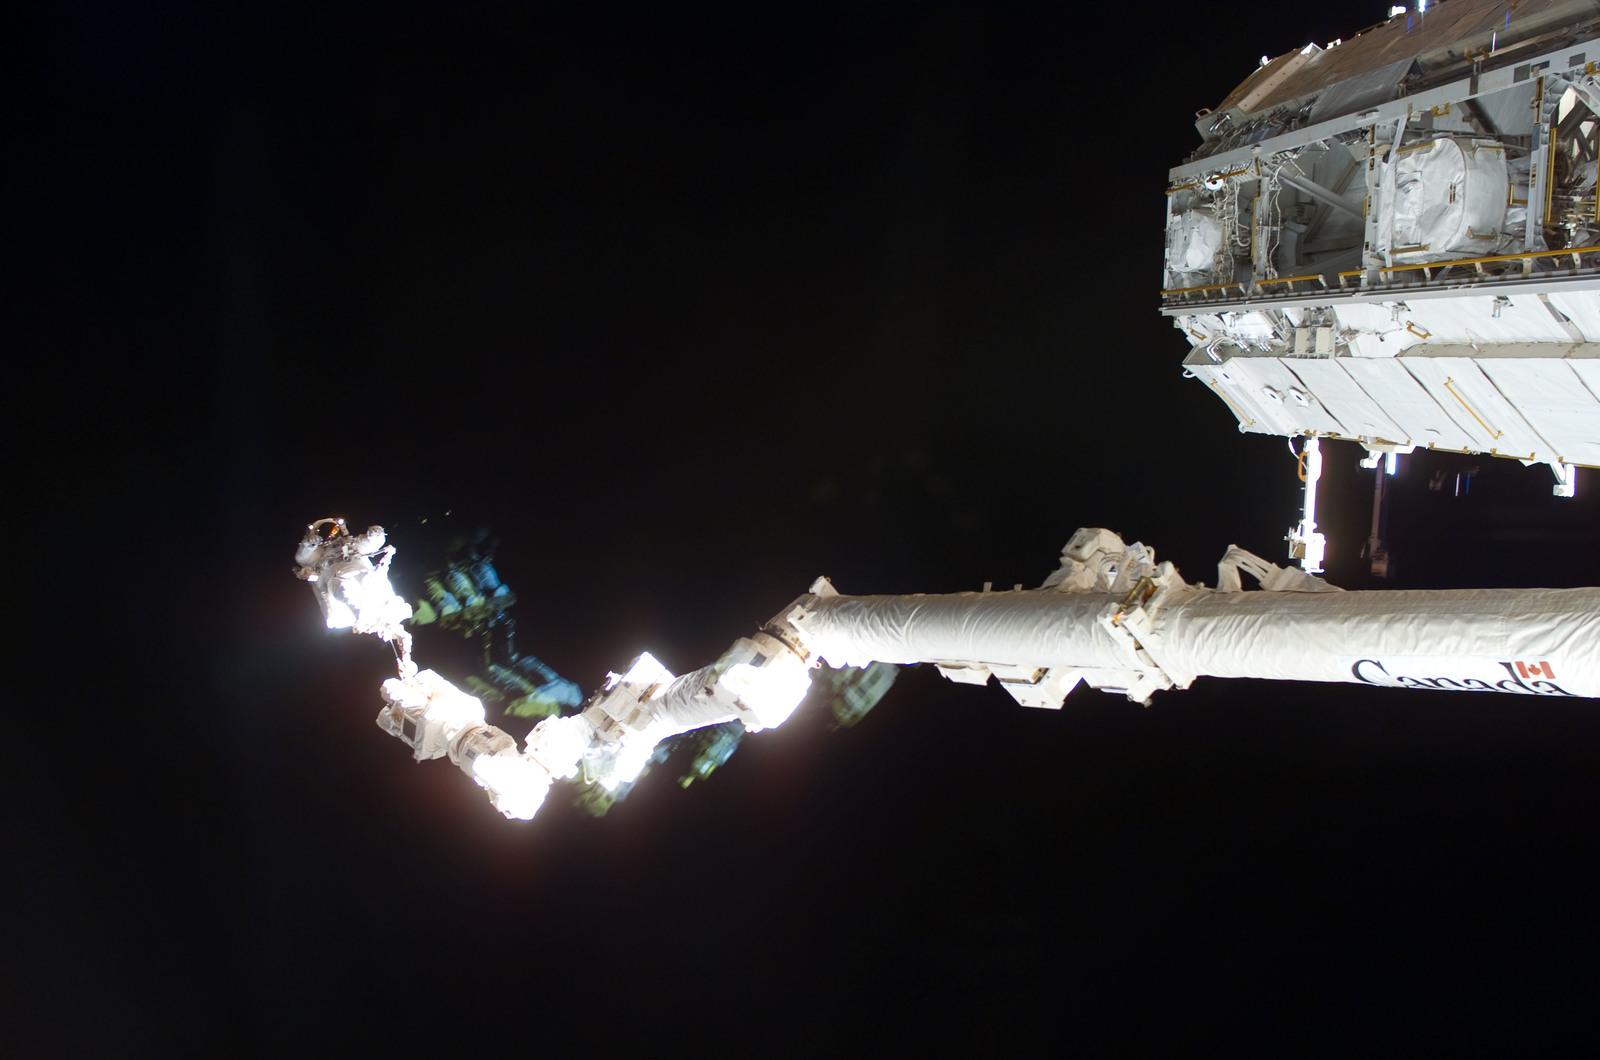 S114E6879 - STS-114 - EVA 3